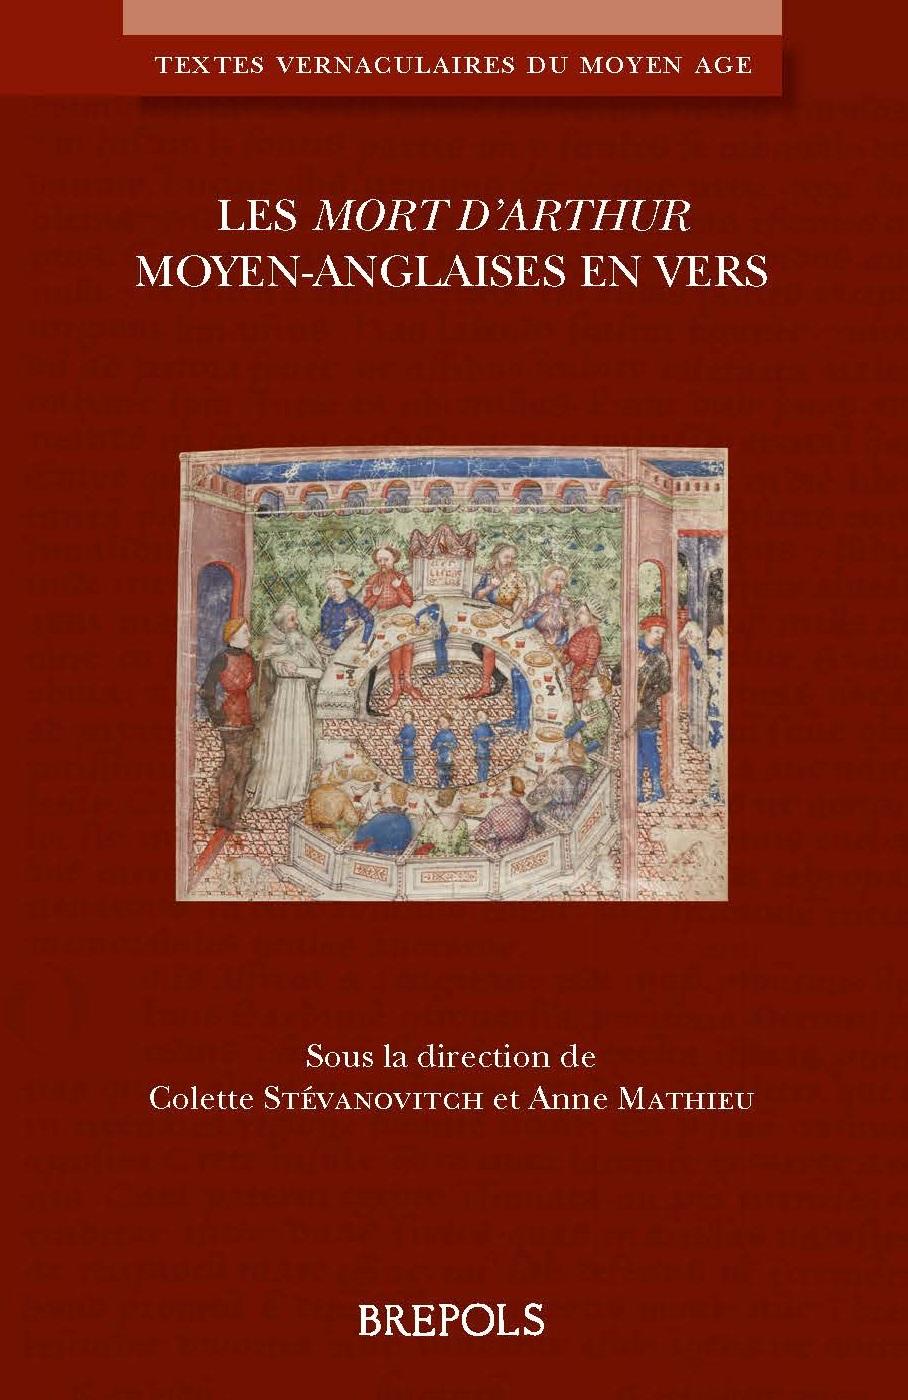 Les Mort d'Arthur moyen-anglaises en vers (C.Stévanovitch et A. Mathieu éd.)